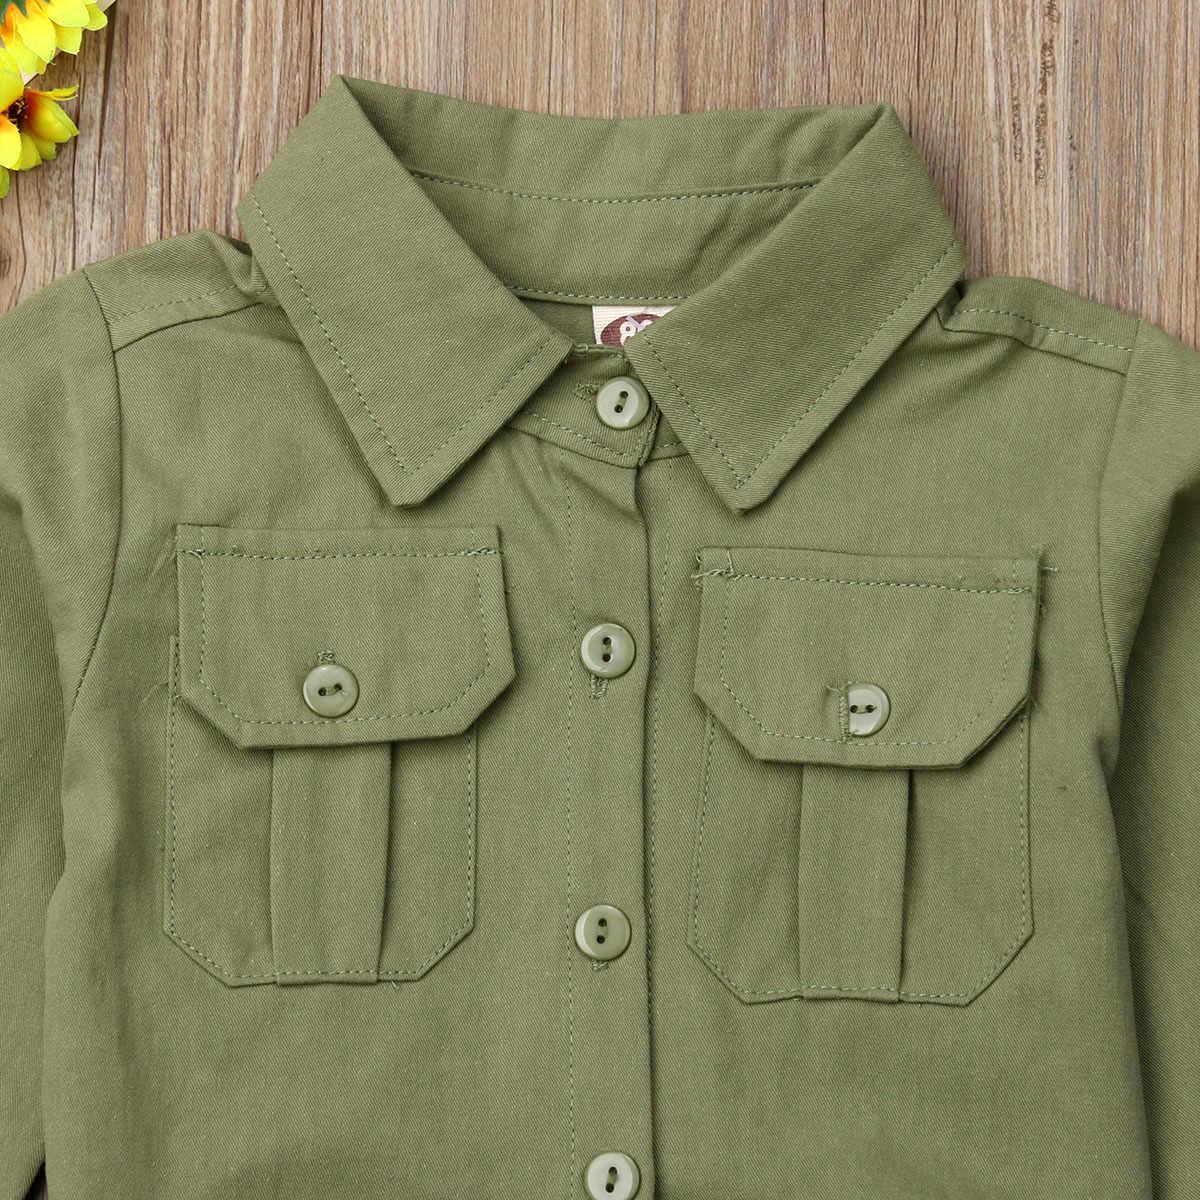 2019 модная детская одежда для маленьких девочек армейские брюки карго комбинезон ромпер комбинезон с длинными рукавами и карманом из хлопка на лето и весну